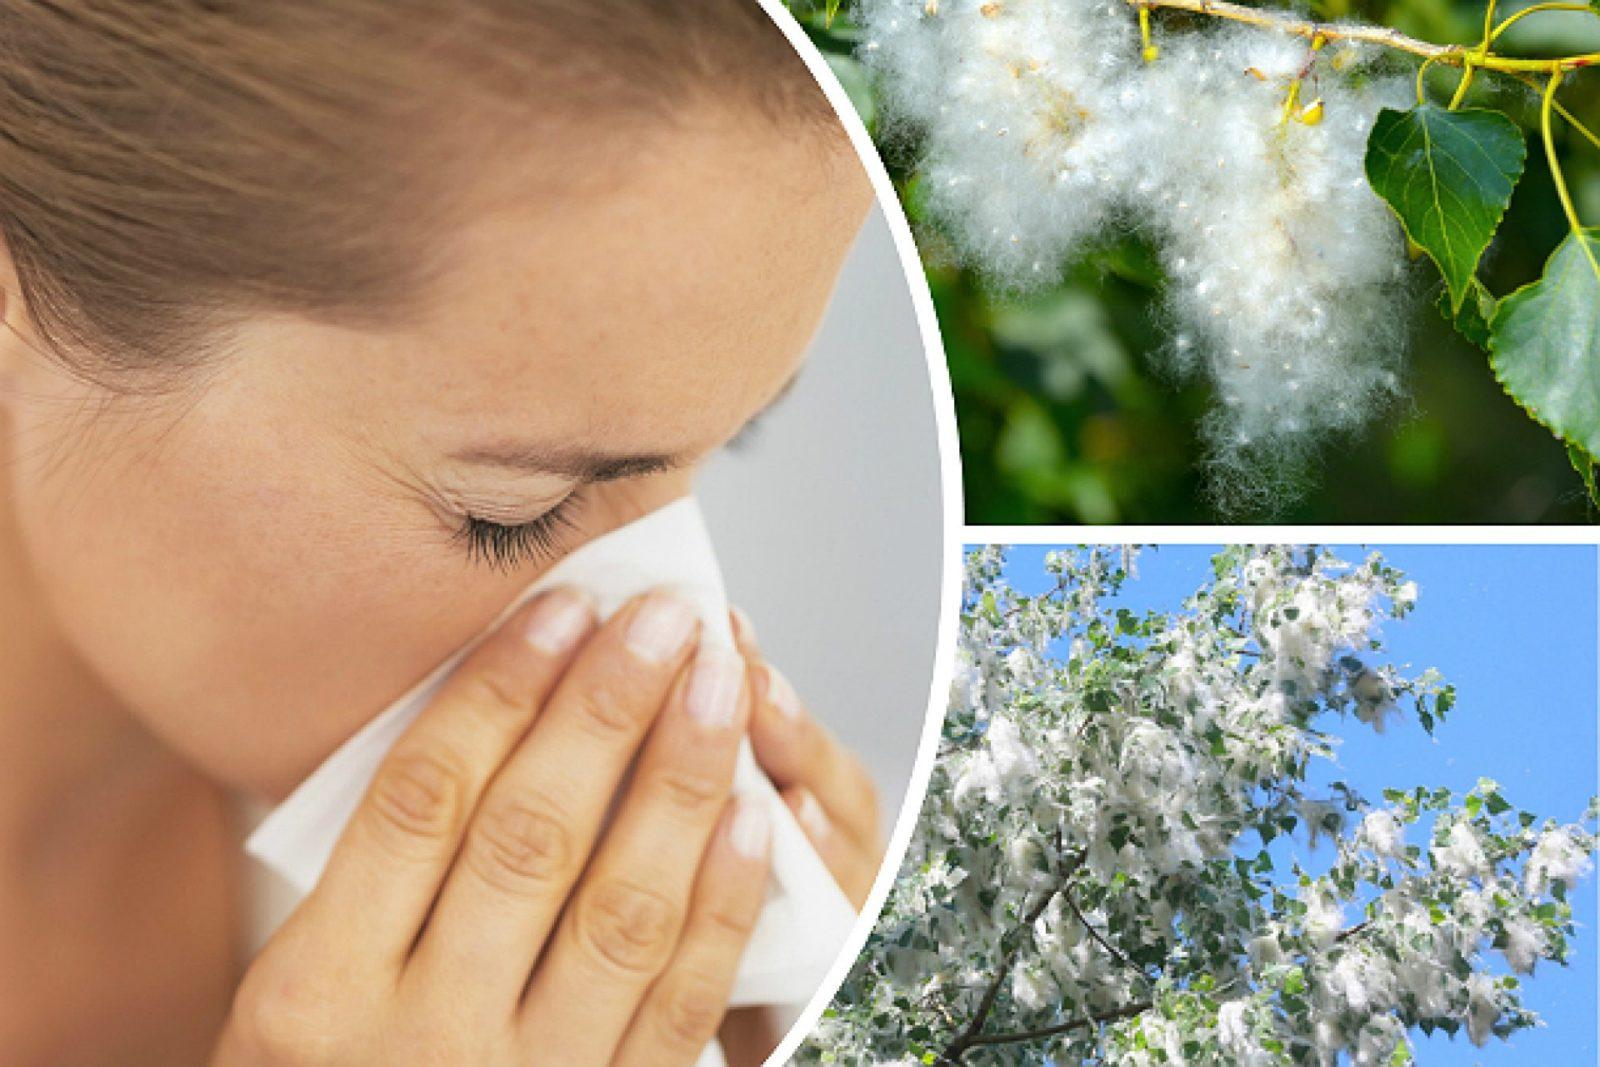 Показательная картинка с аллергией